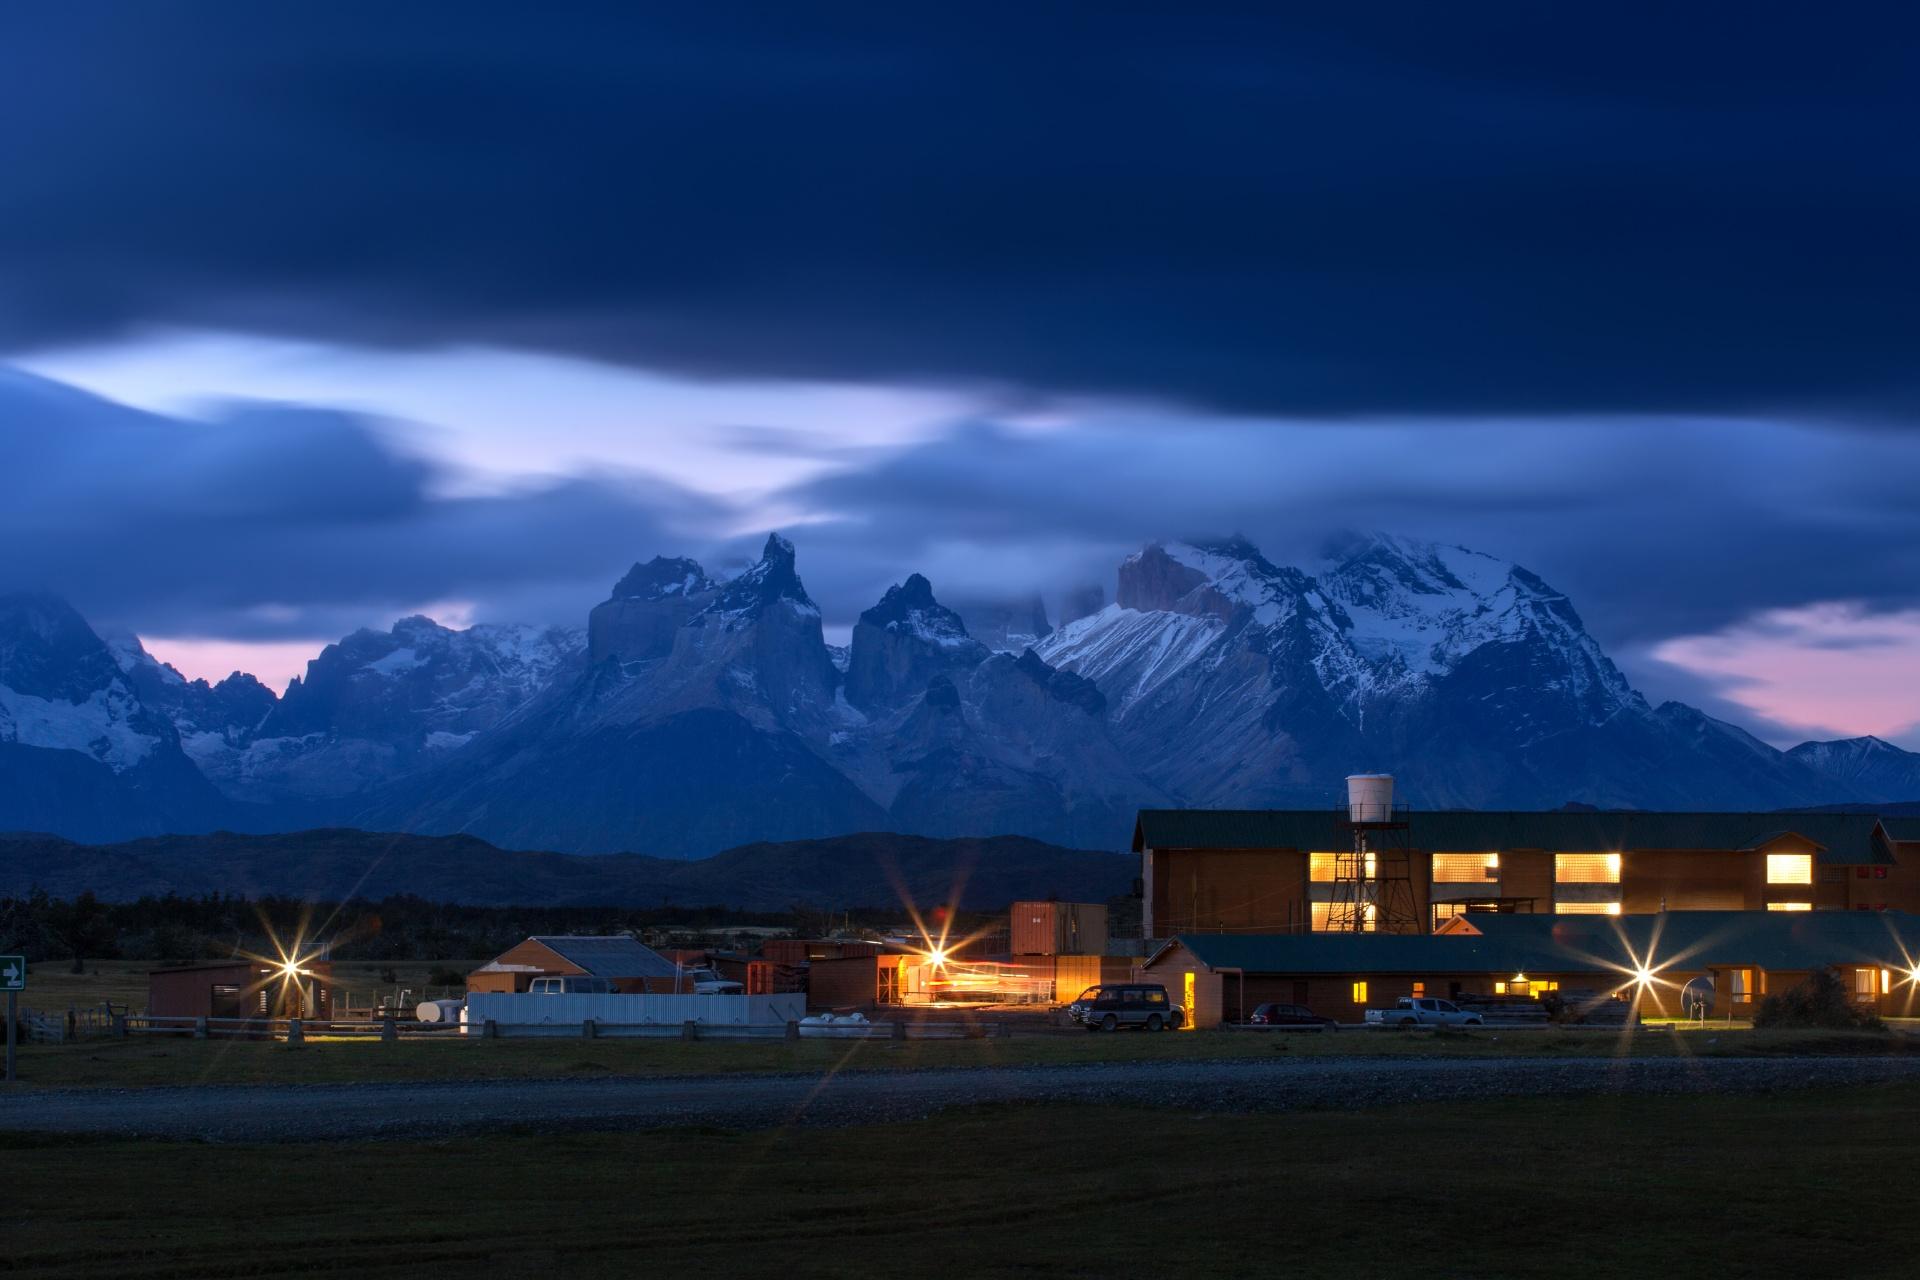 夜のトレス・デル・パイネ国立公園 パタゴニア チリ